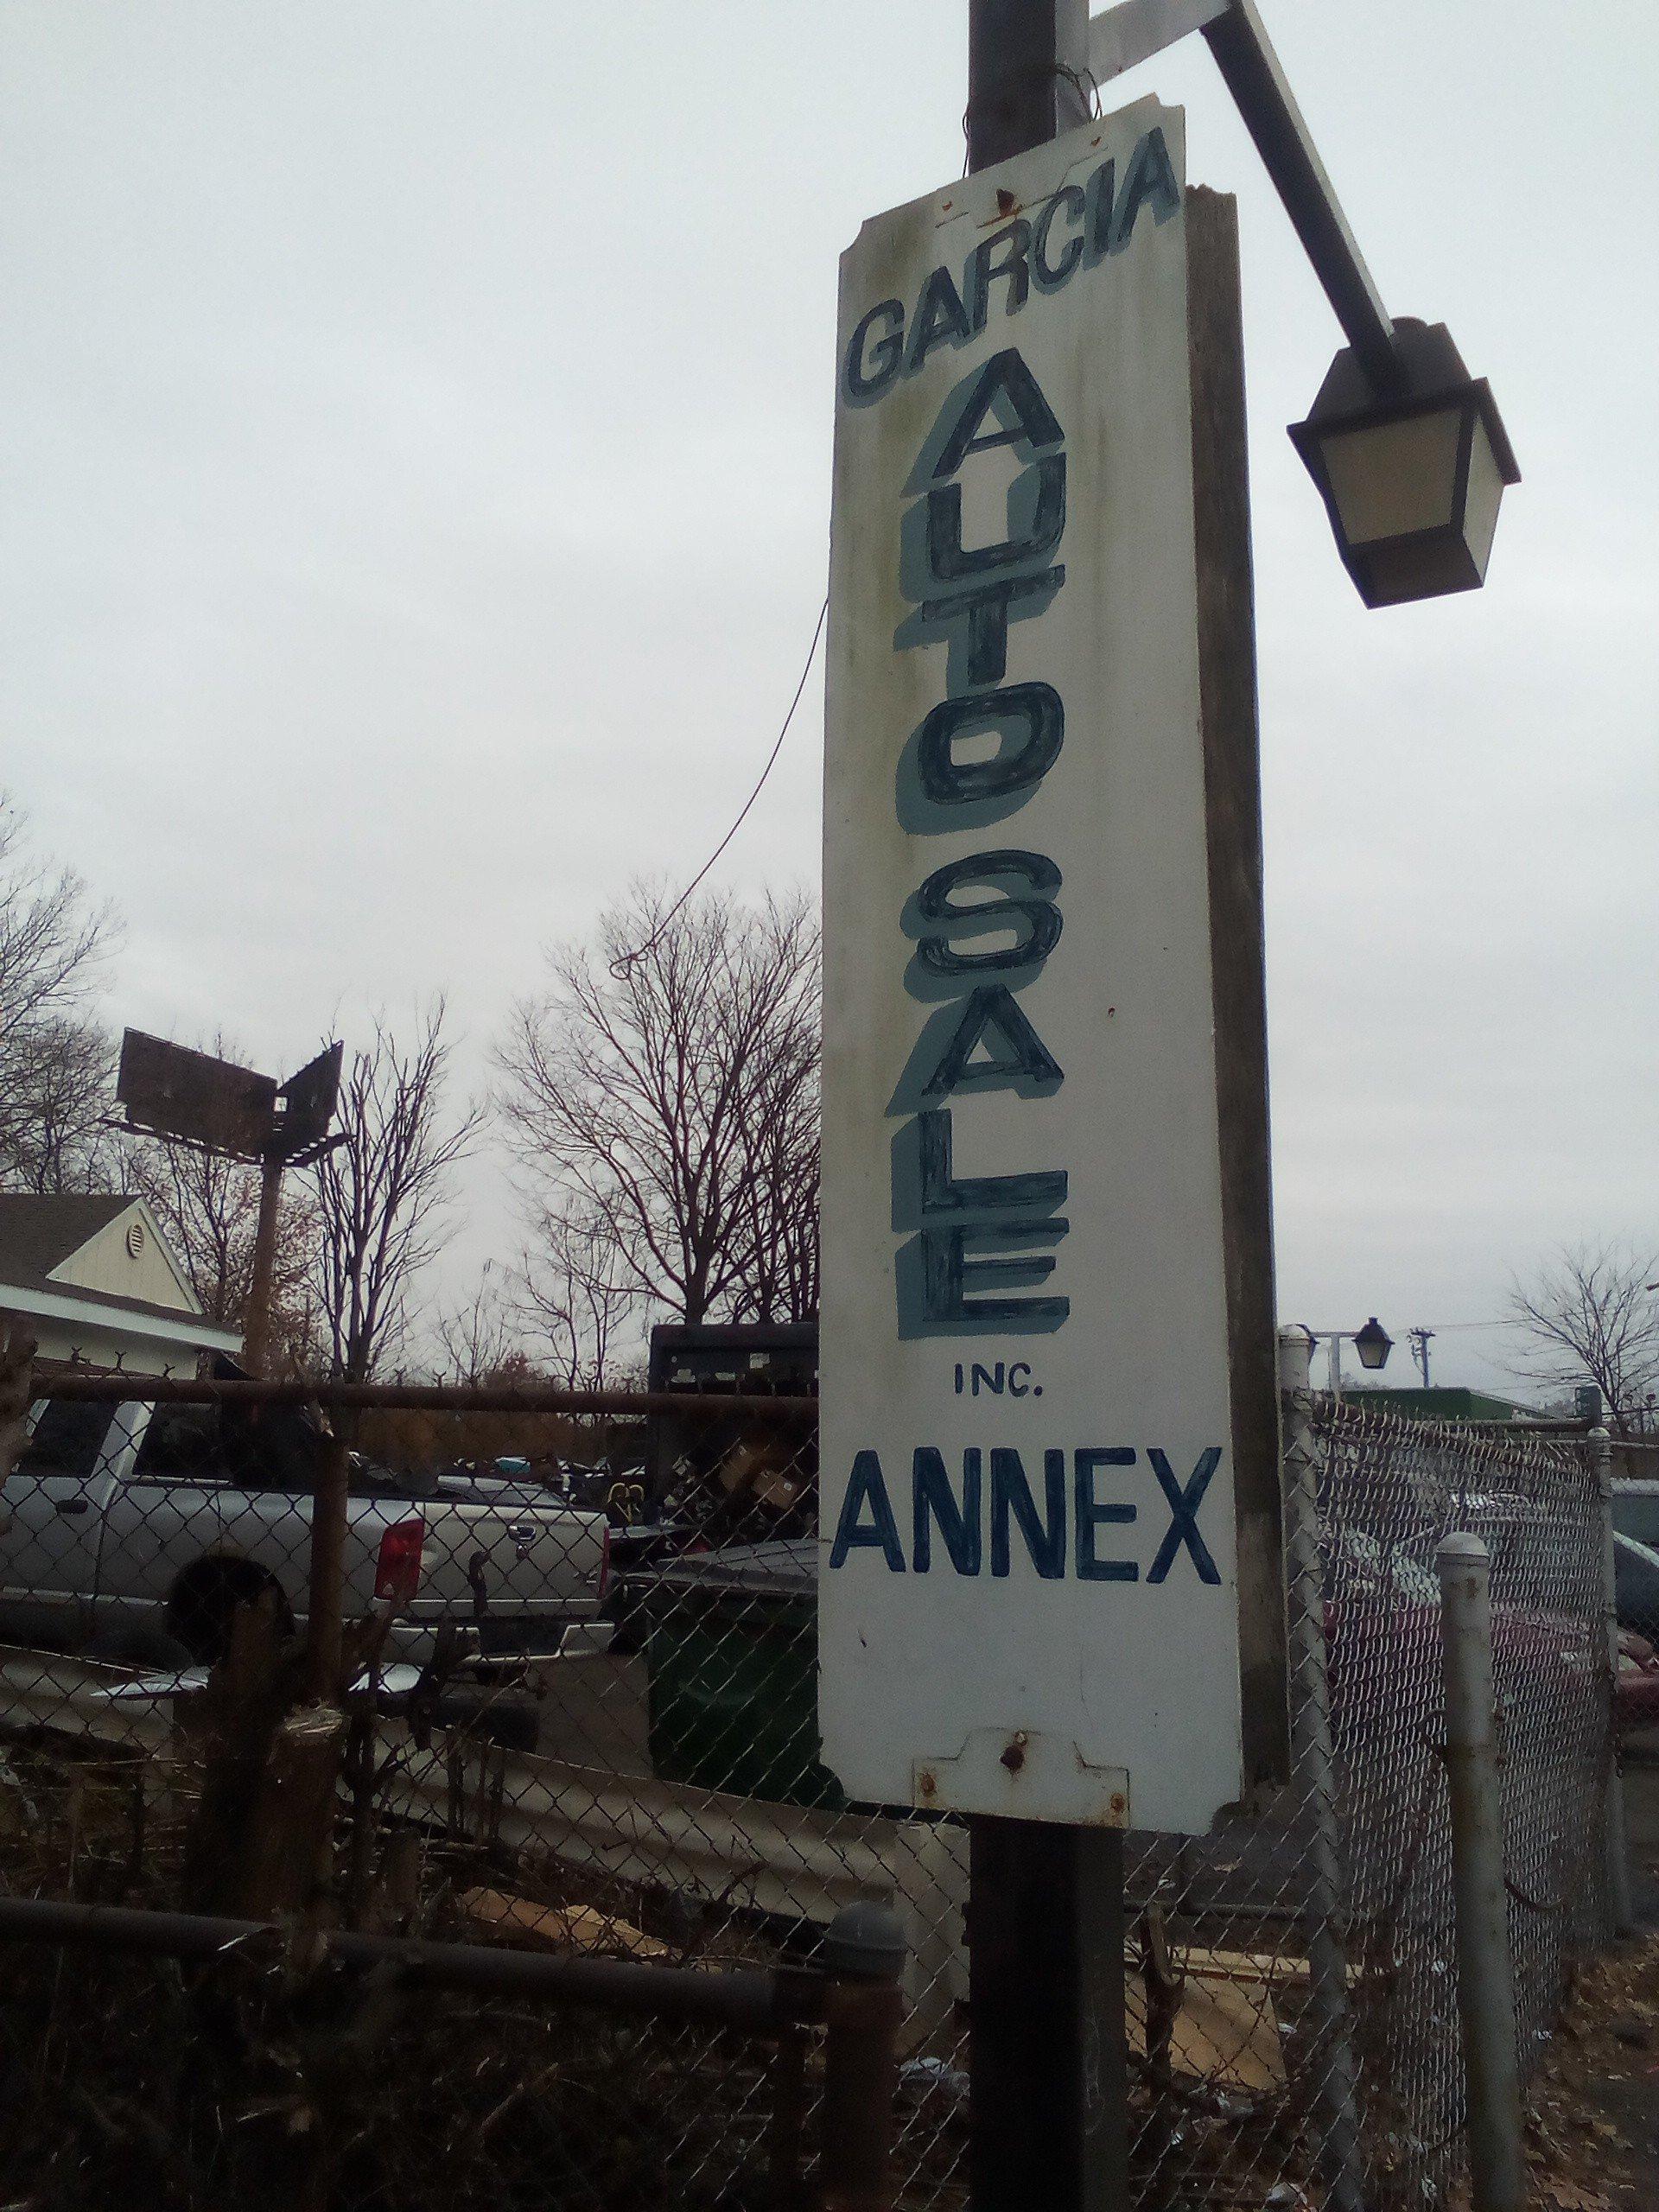 Garcia Auto Sale Annex